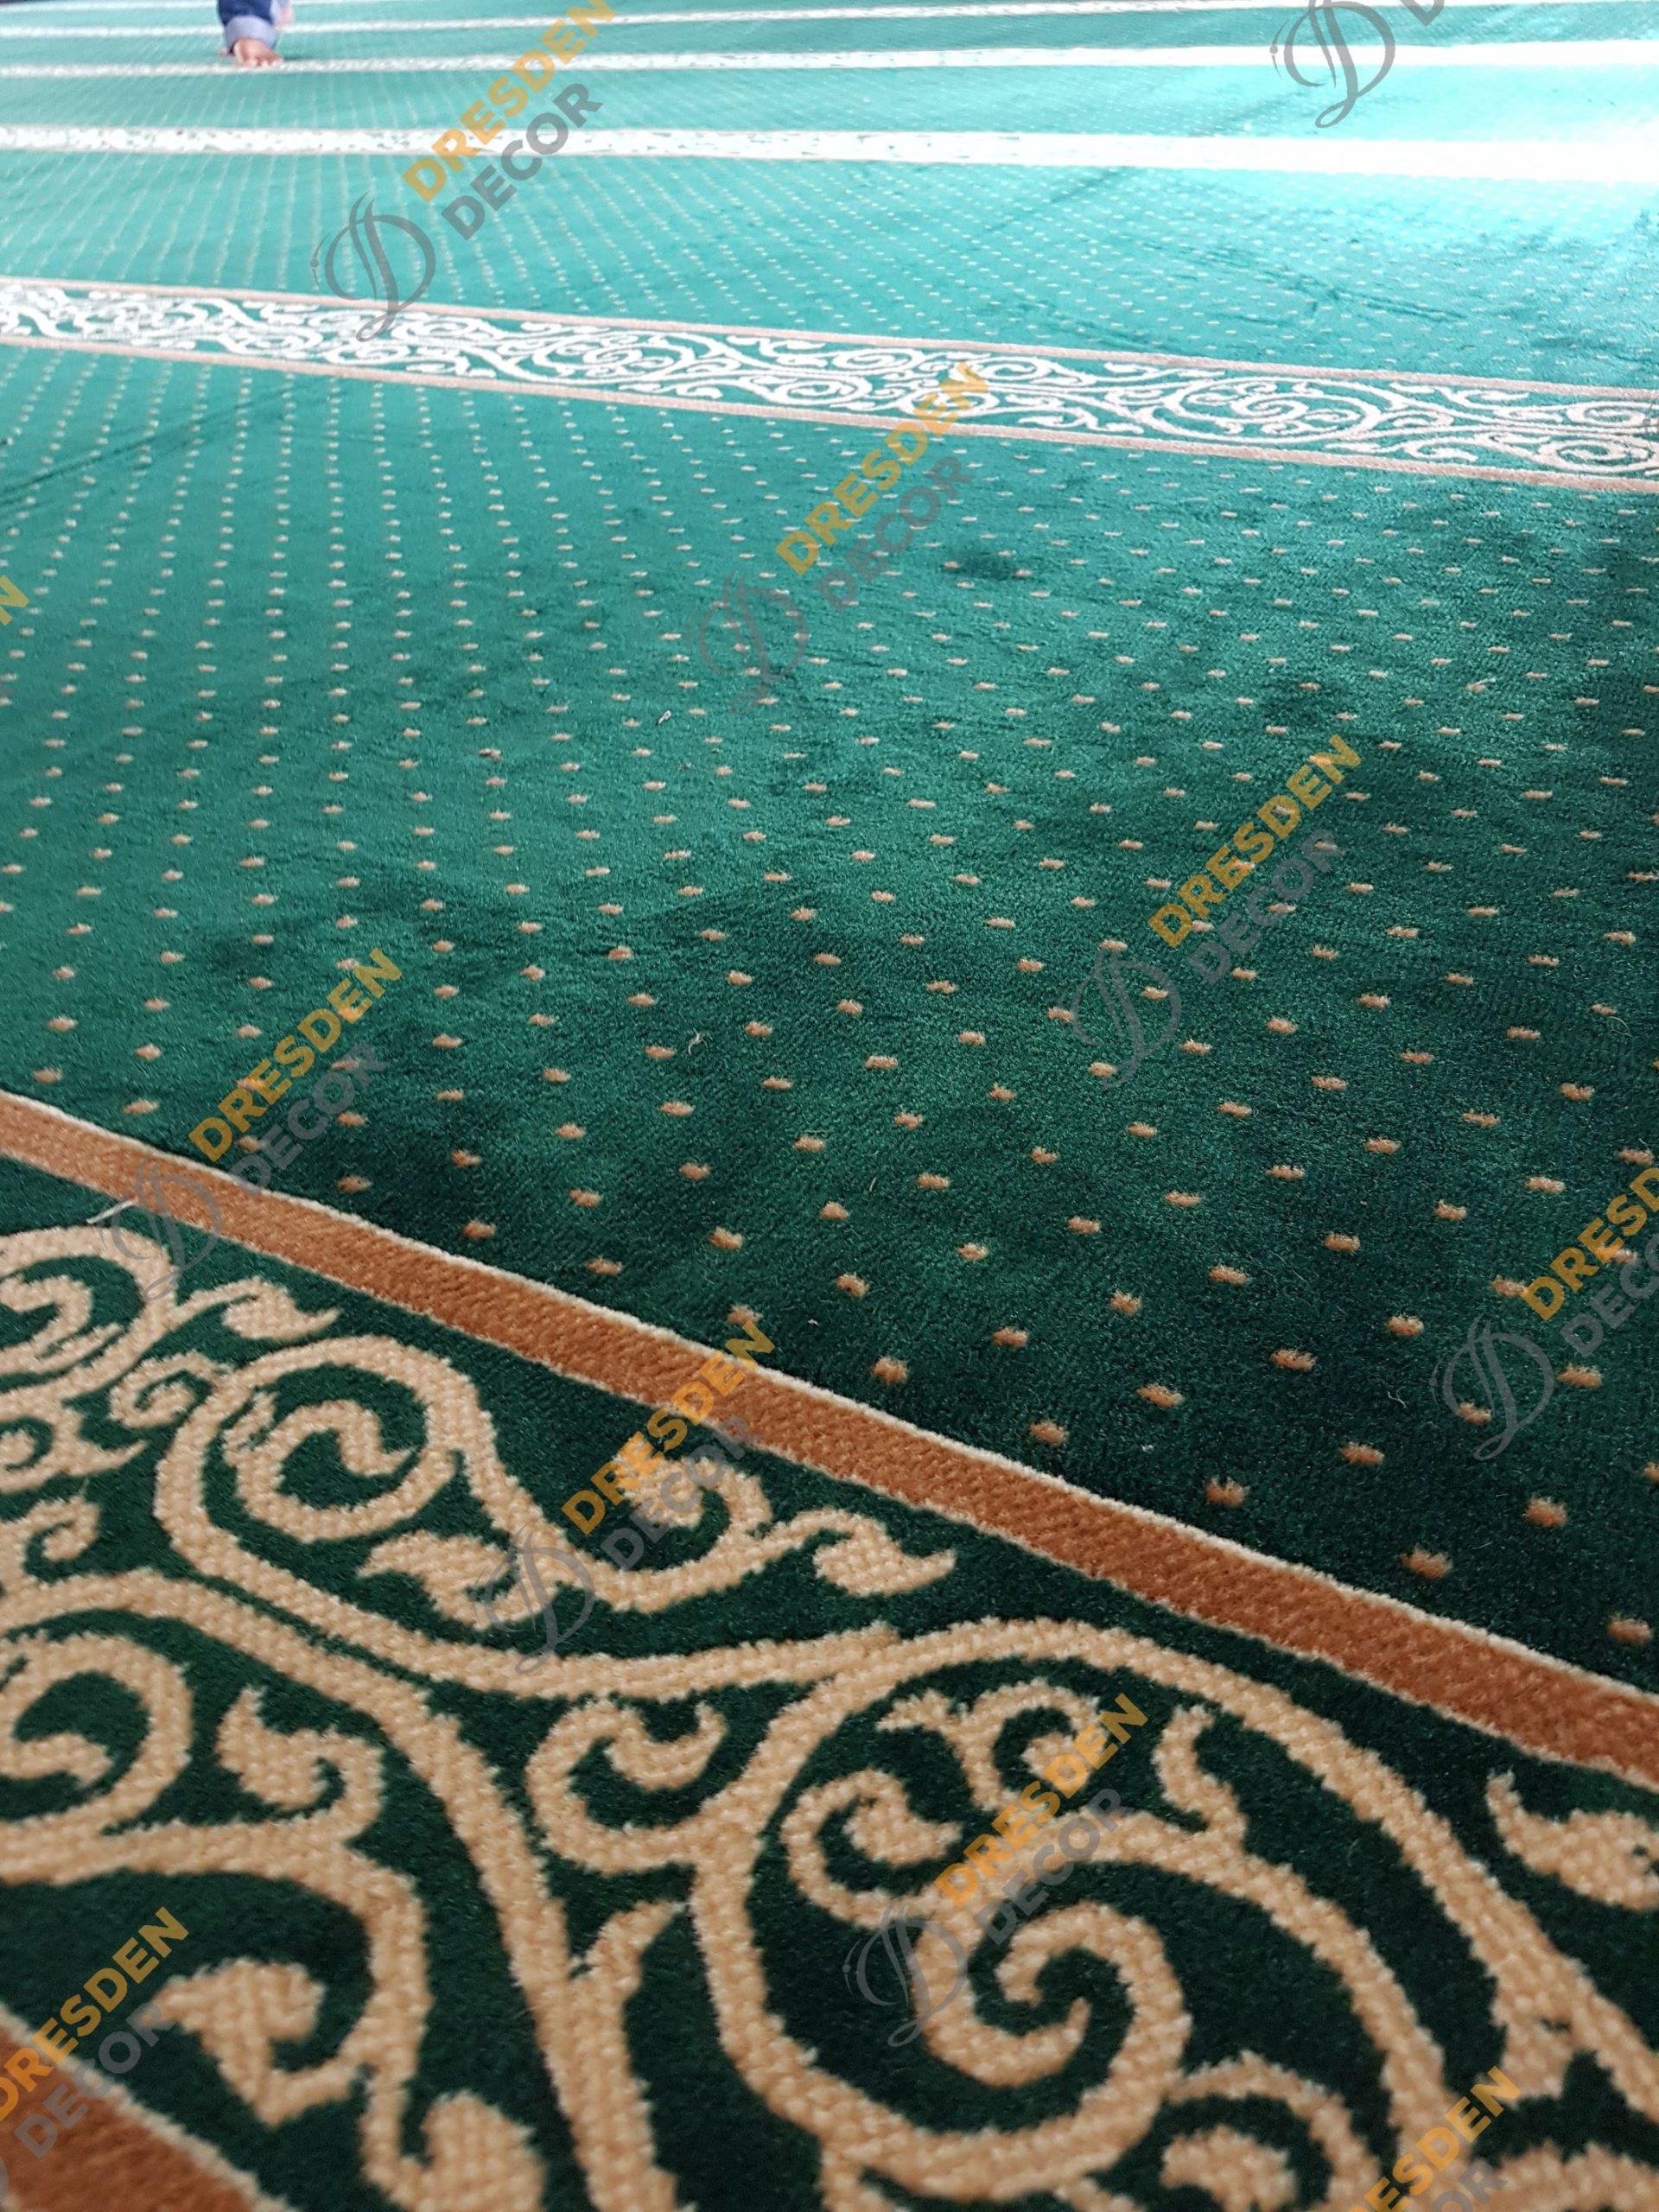 Surau, Melaka – Mosque Carpet